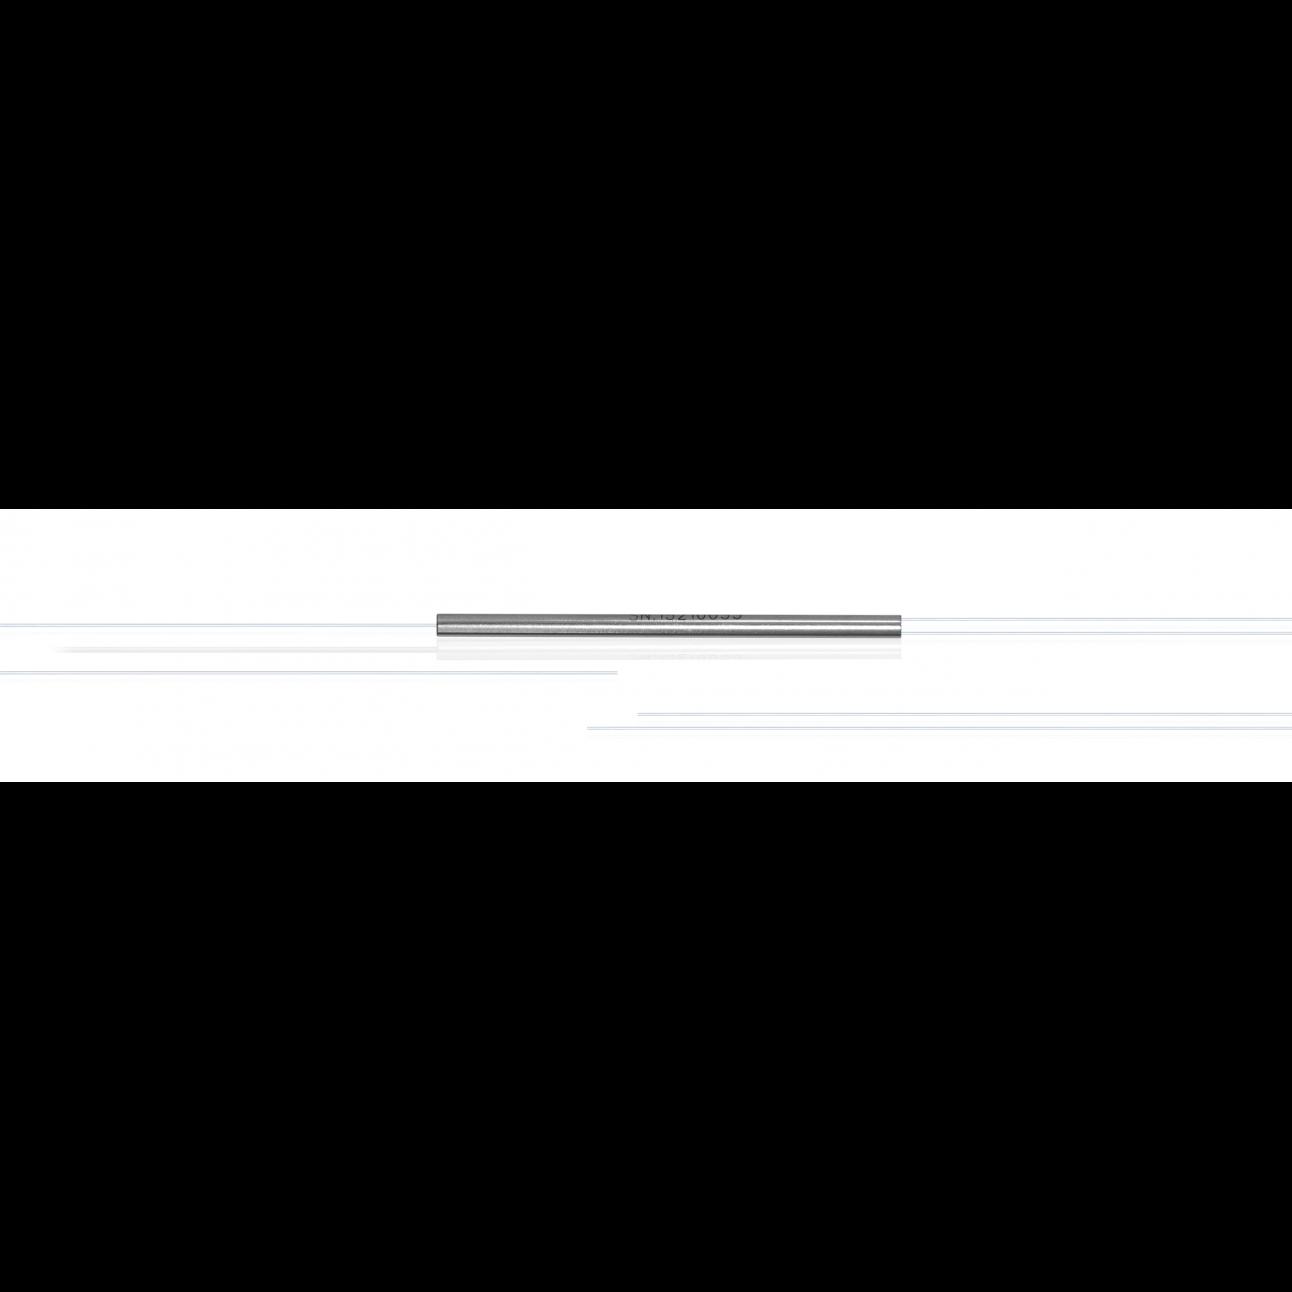 Делитель оптический бескорпусный буфер 225нм 1х2, 05/95, B-Optics (комплект из 2 шт.)